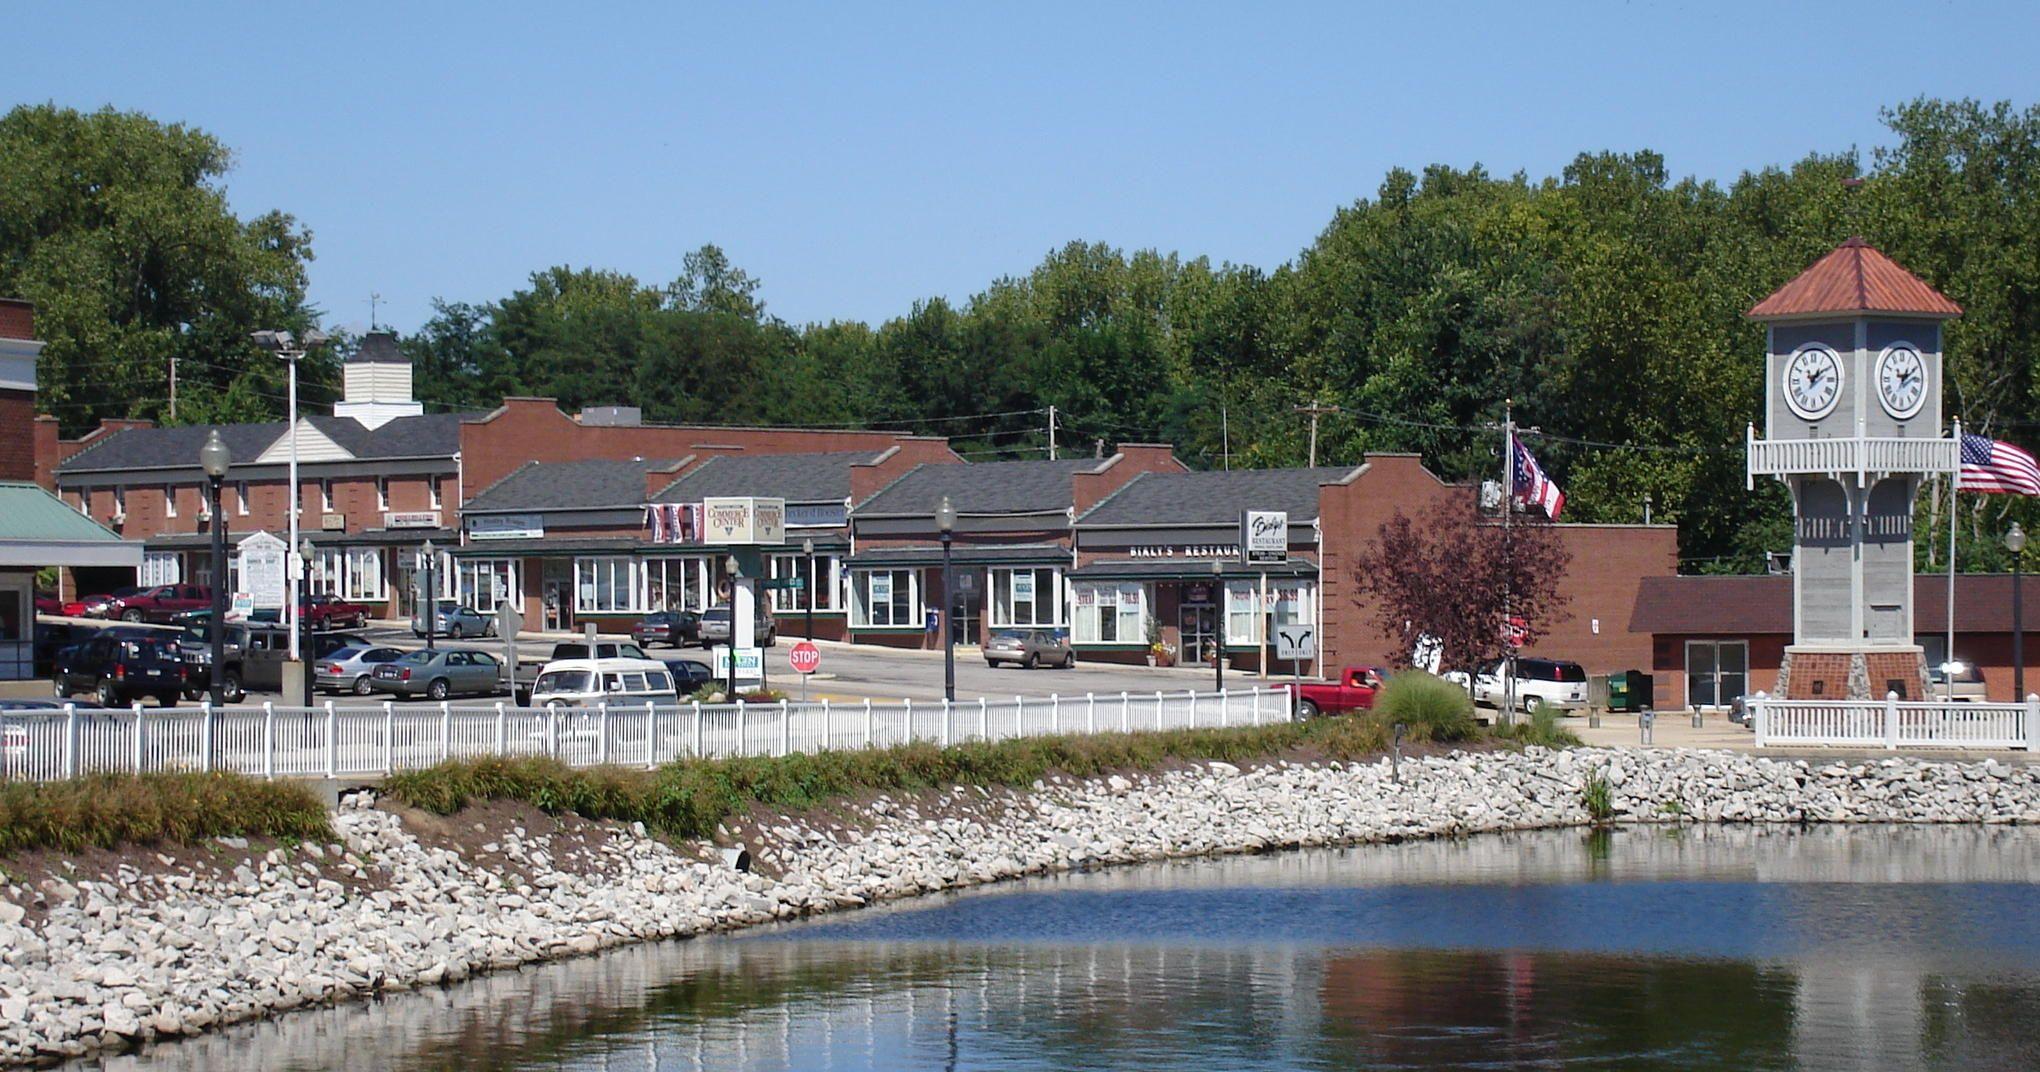 2 040 1 072 Pixels Portage Lakes Ohio Pinterest Ohio Lakes And